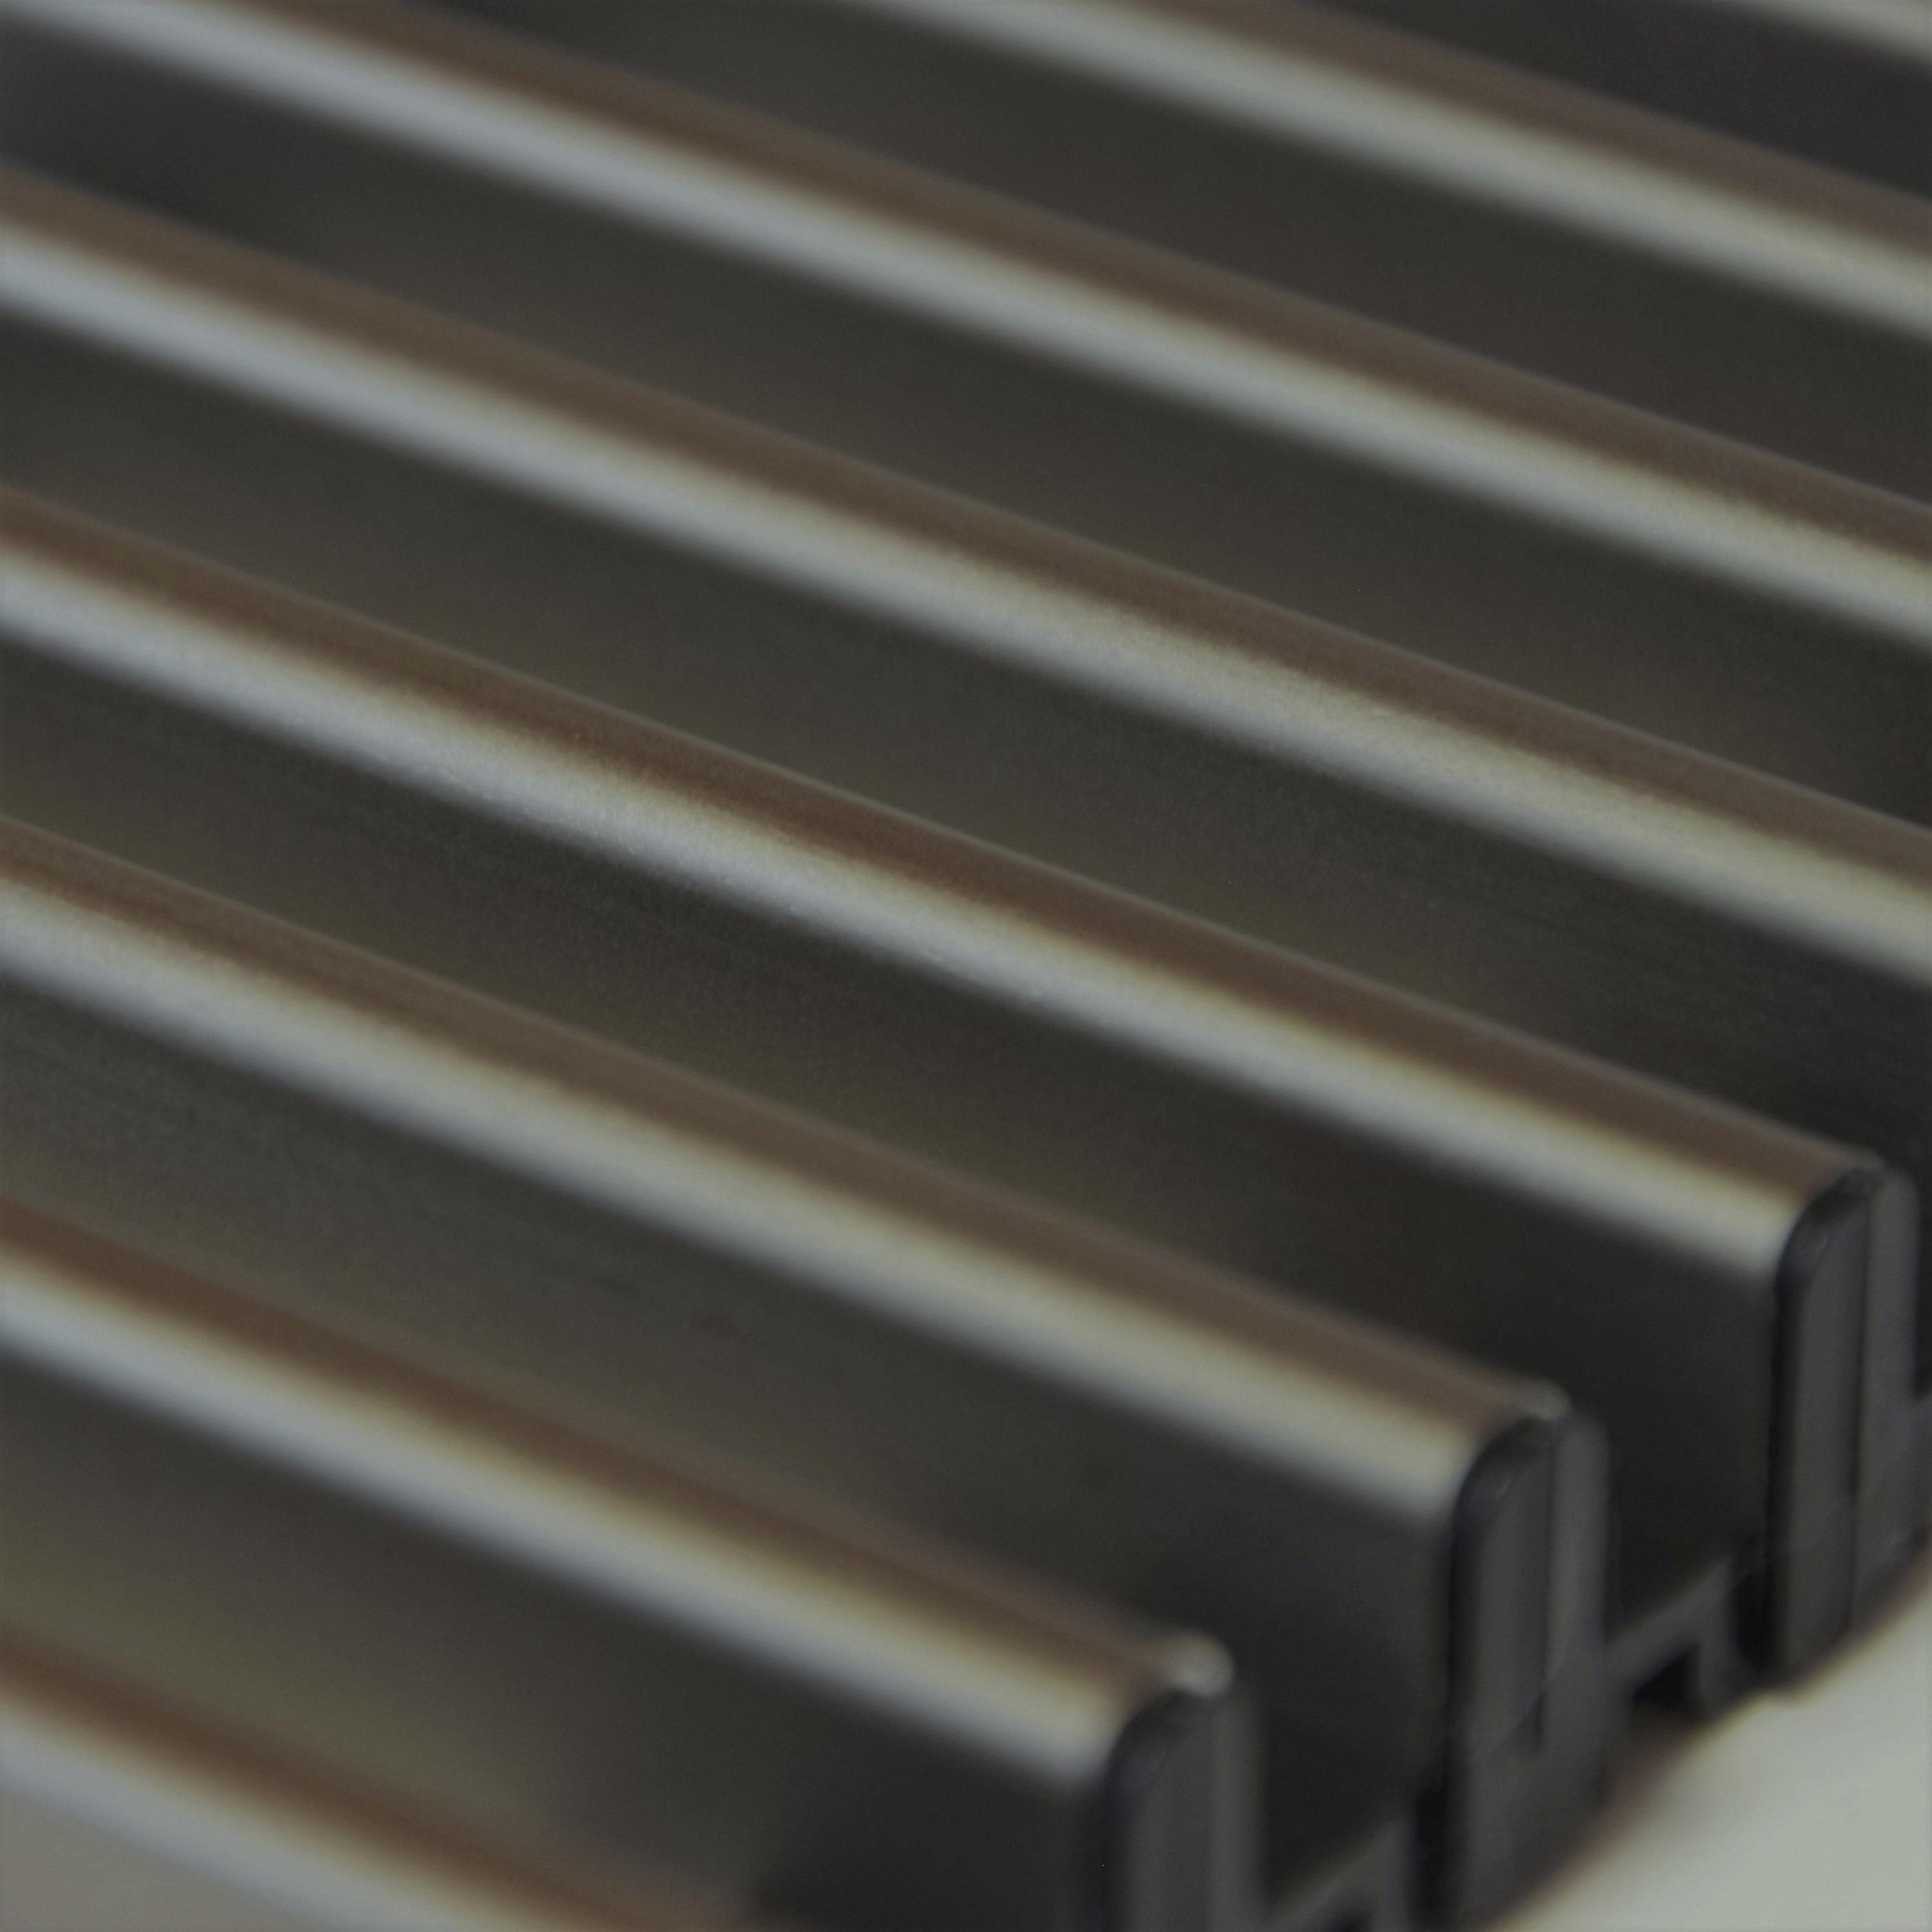 Купить Декоративная решетка Mohlenhoff светлая бронза, шириной 260 мм 1 пог. м Россия